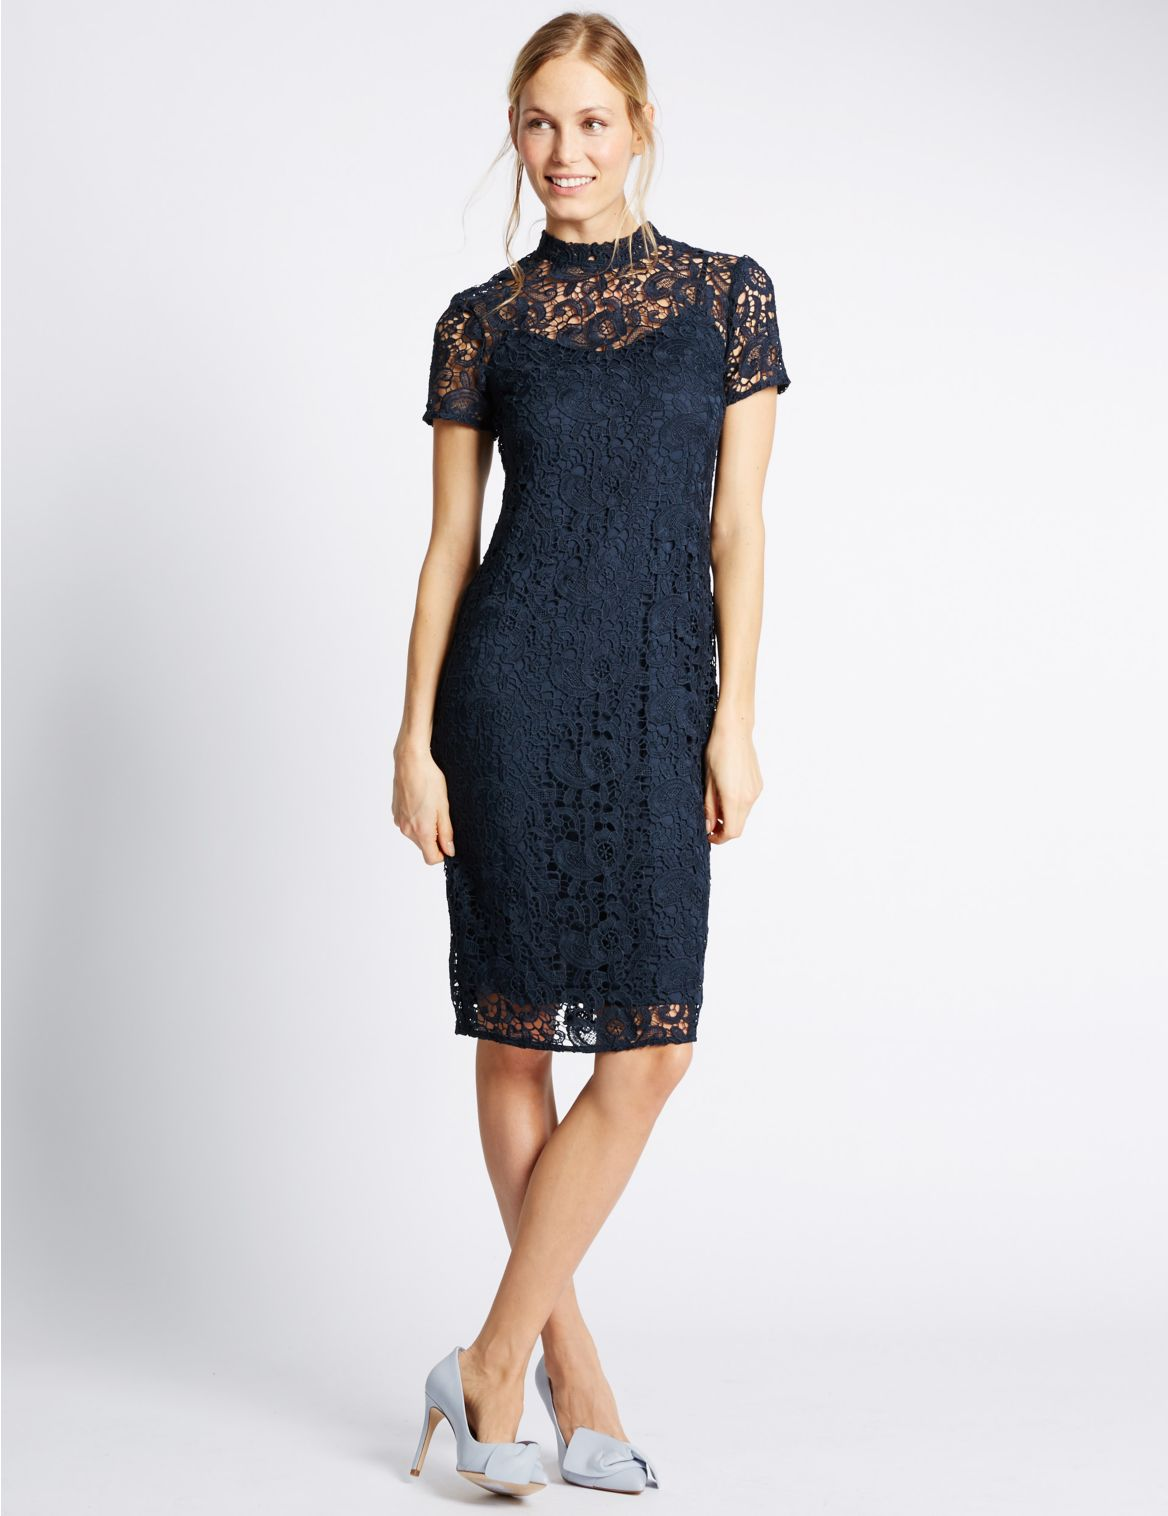 Rechte jurk met korte mouwen en